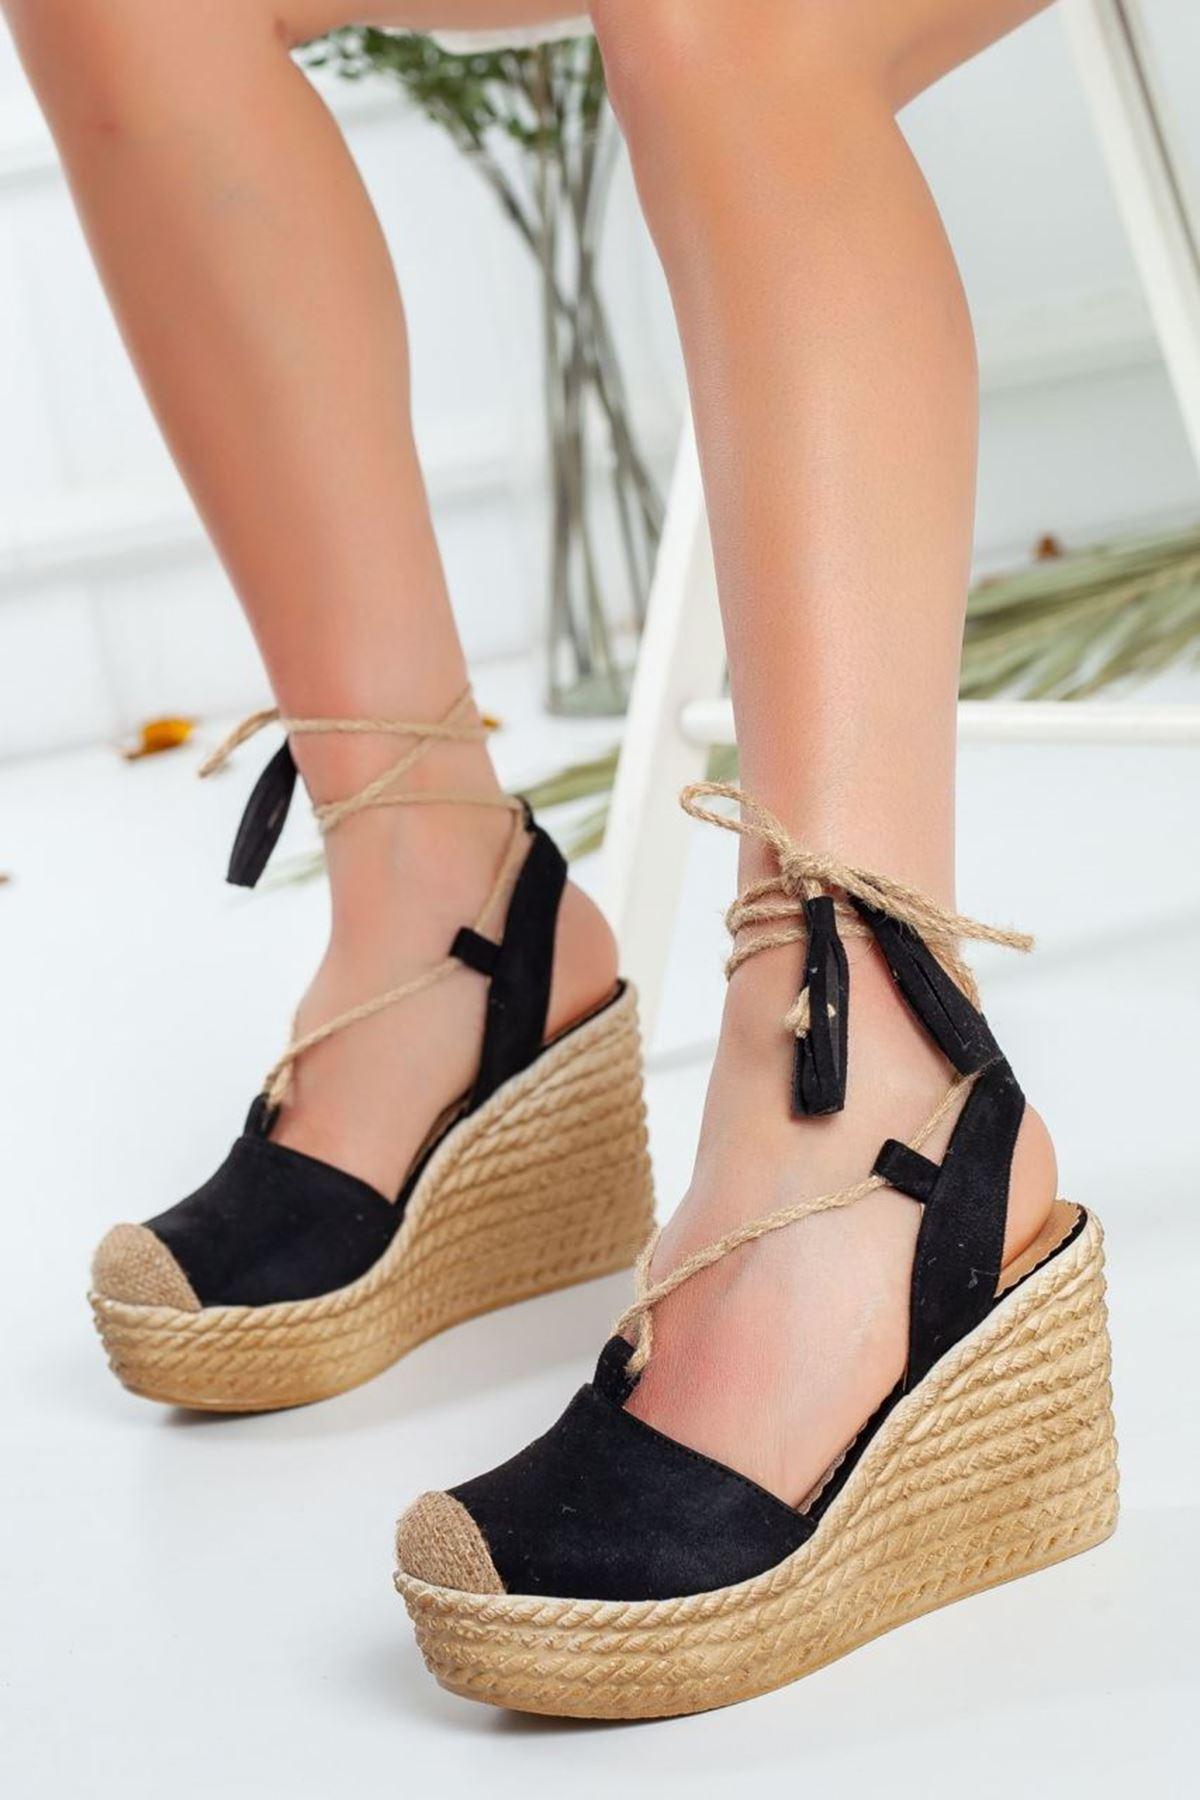 Kadın Lizza Dolgu Taban Ayakkabı Siyah Bağcıklı